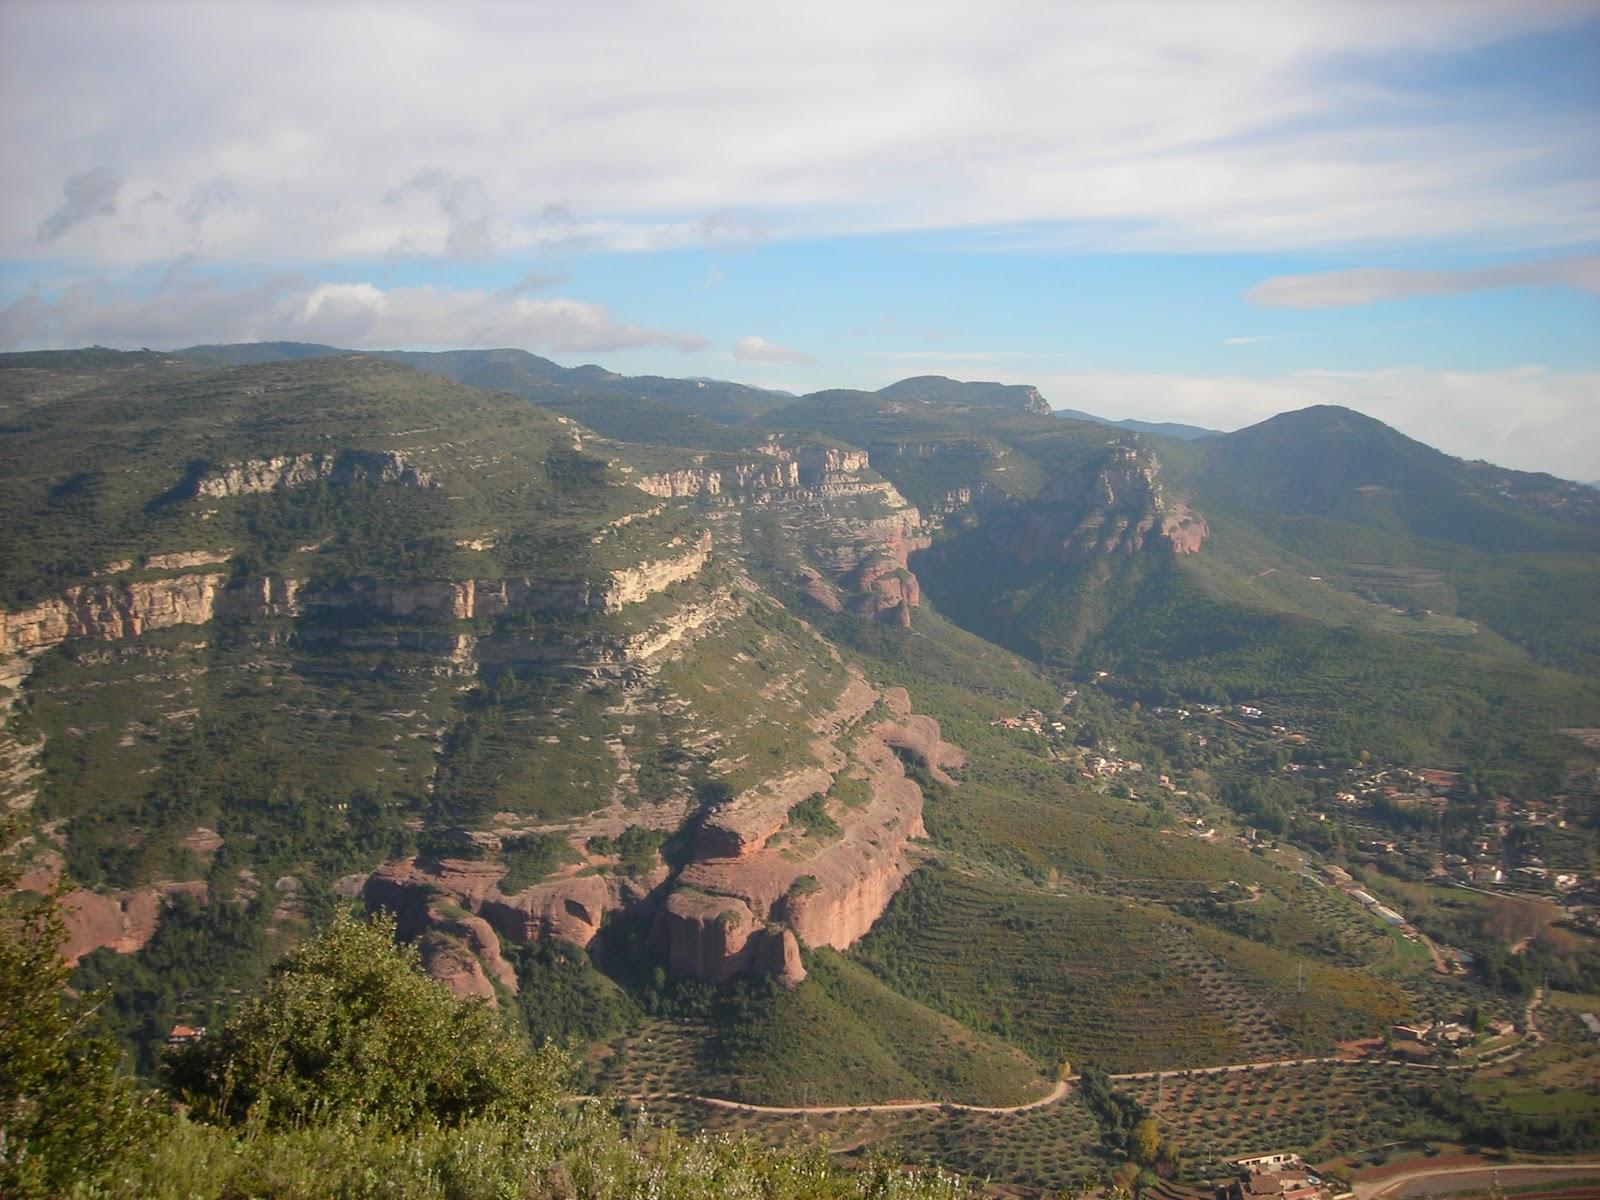 Rutas a pie por la provincia de barcelona rutas por el vall s oriental 3 sant feliu de codines - El tiempo en el valles oriental ...